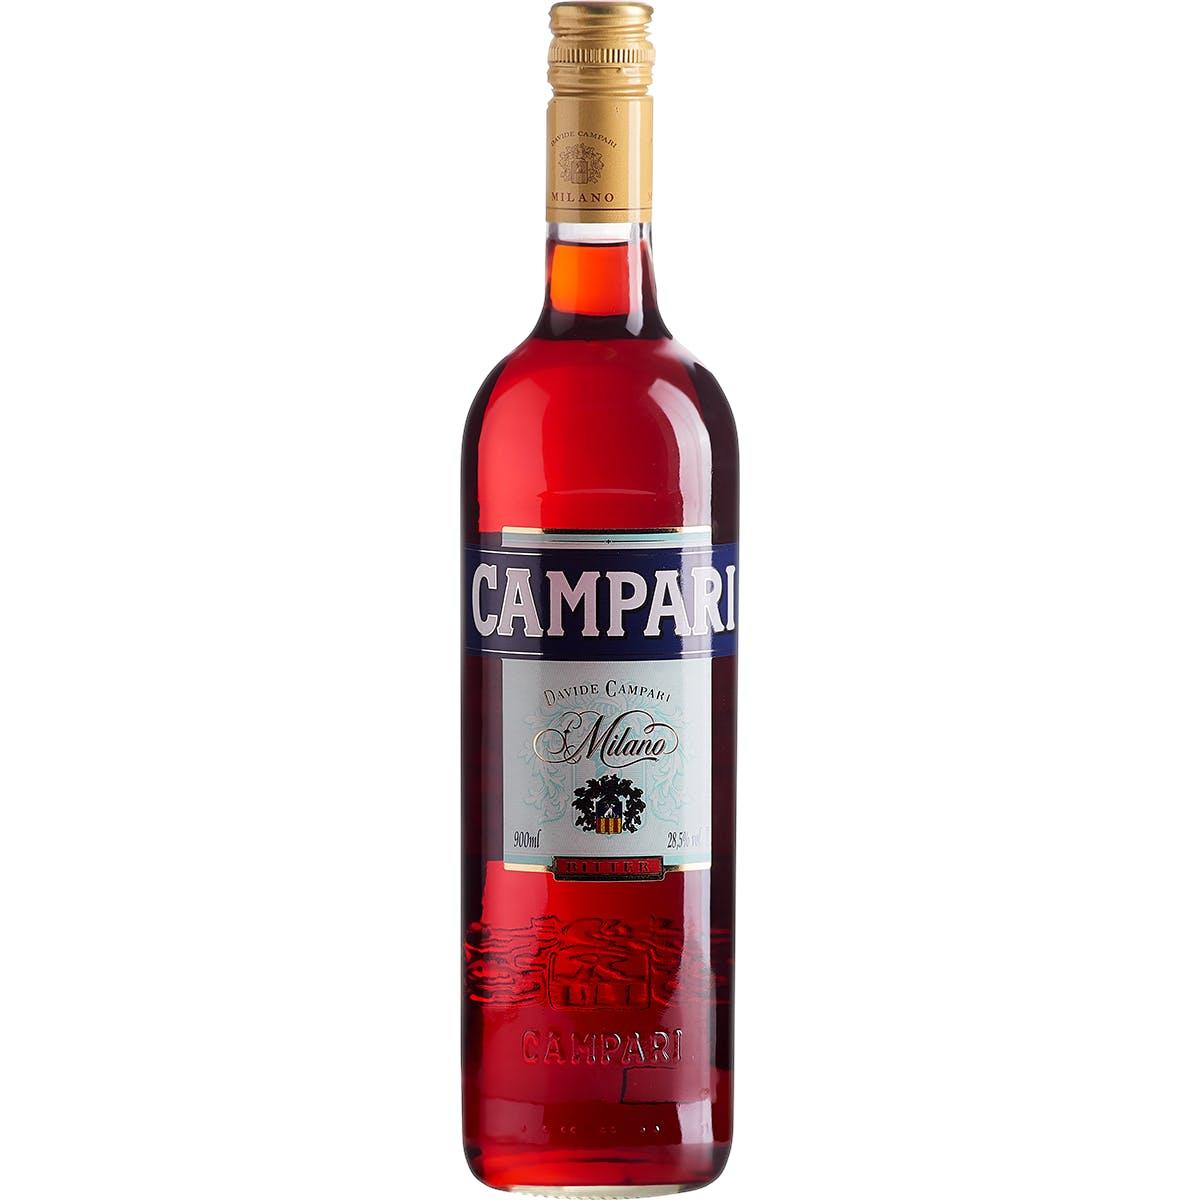 Aperitivo Campari Garrafa 900ml